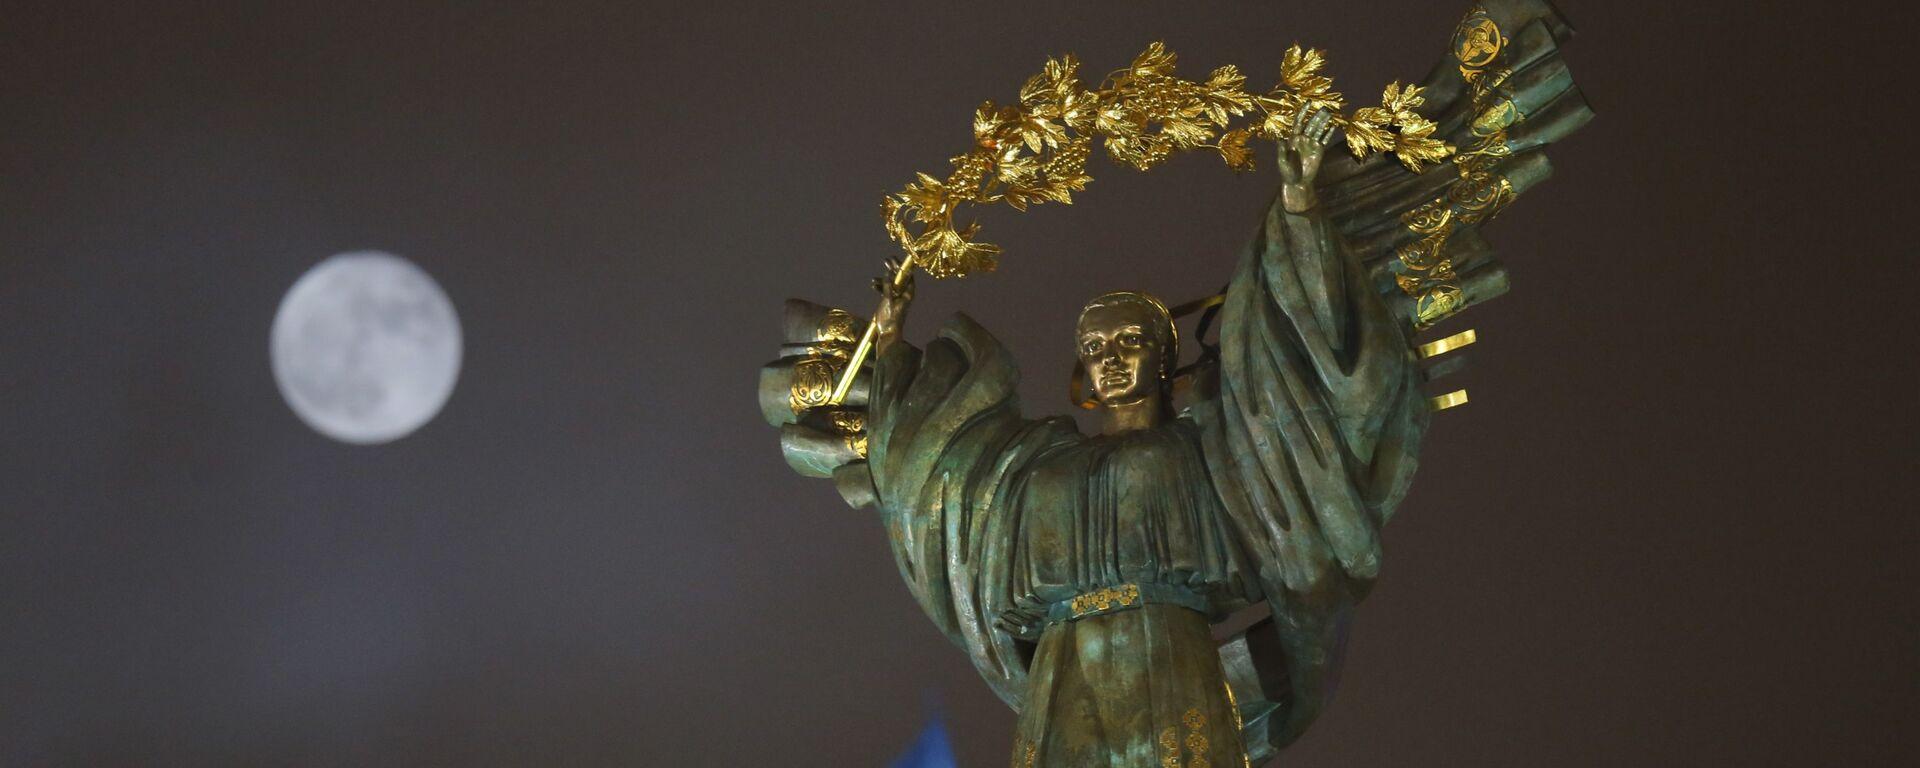 Kyjev - Sputnik Česká republika, 1920, 25.09.2021